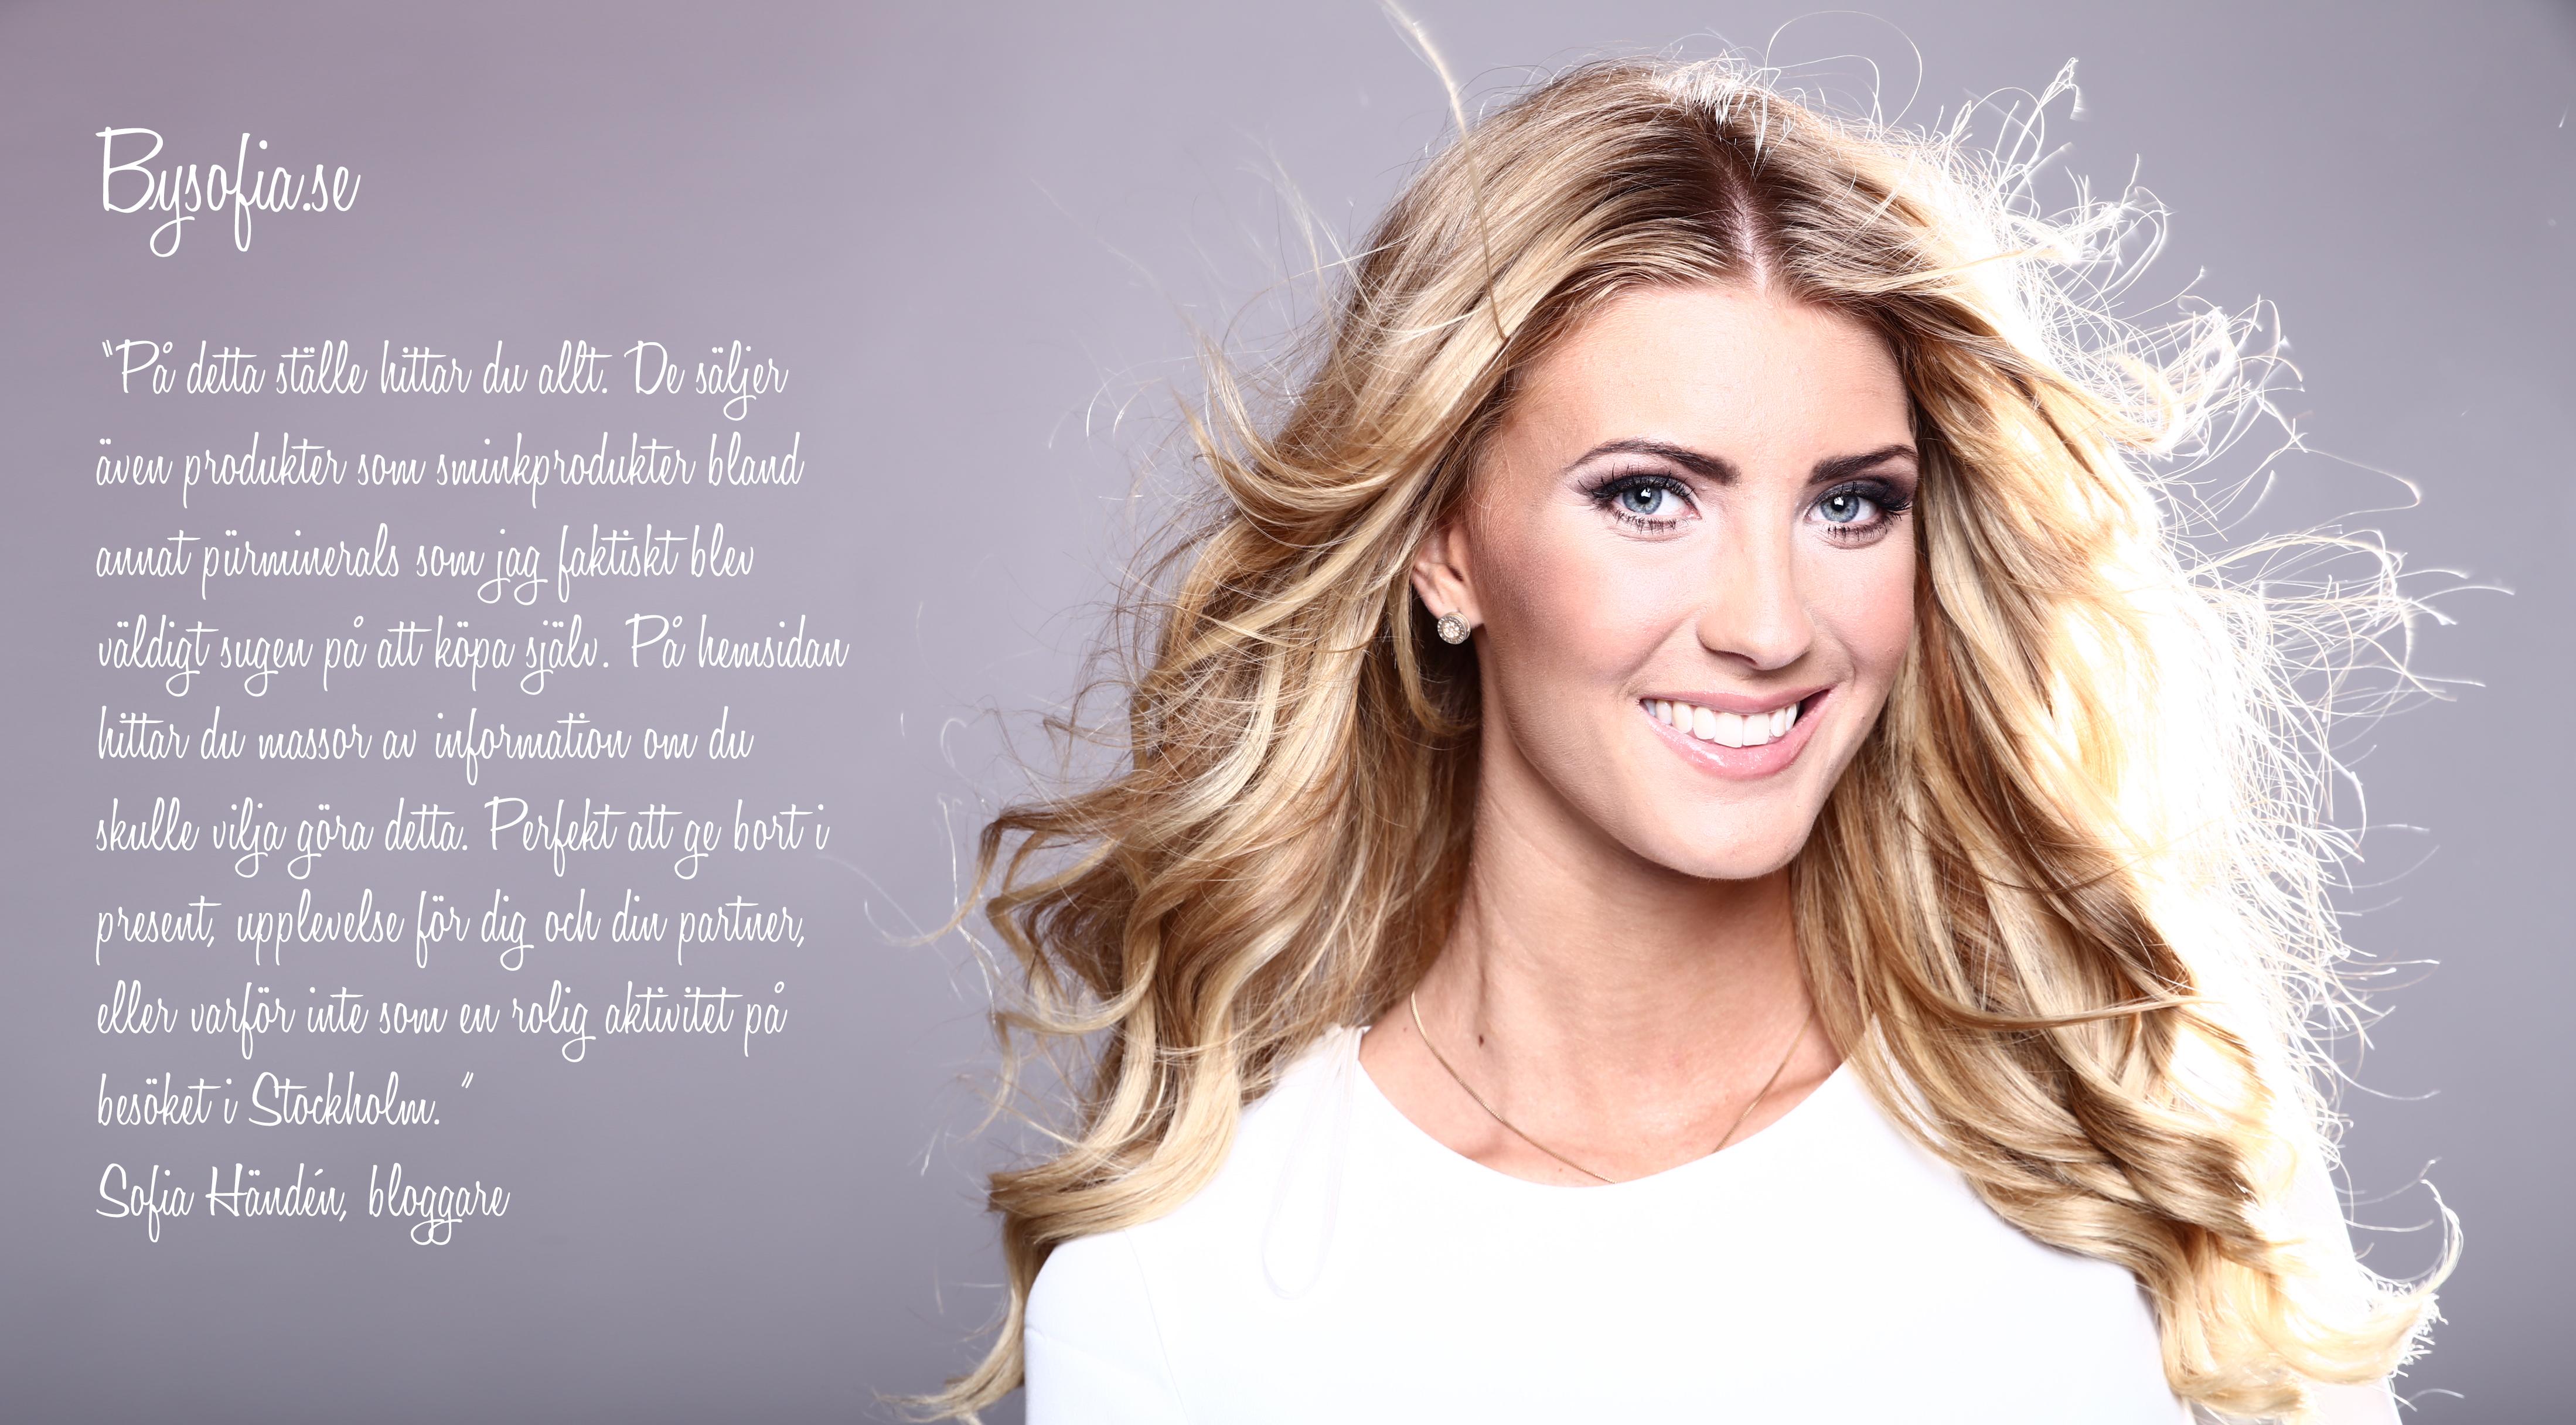 Sofia Händen -Bloggare